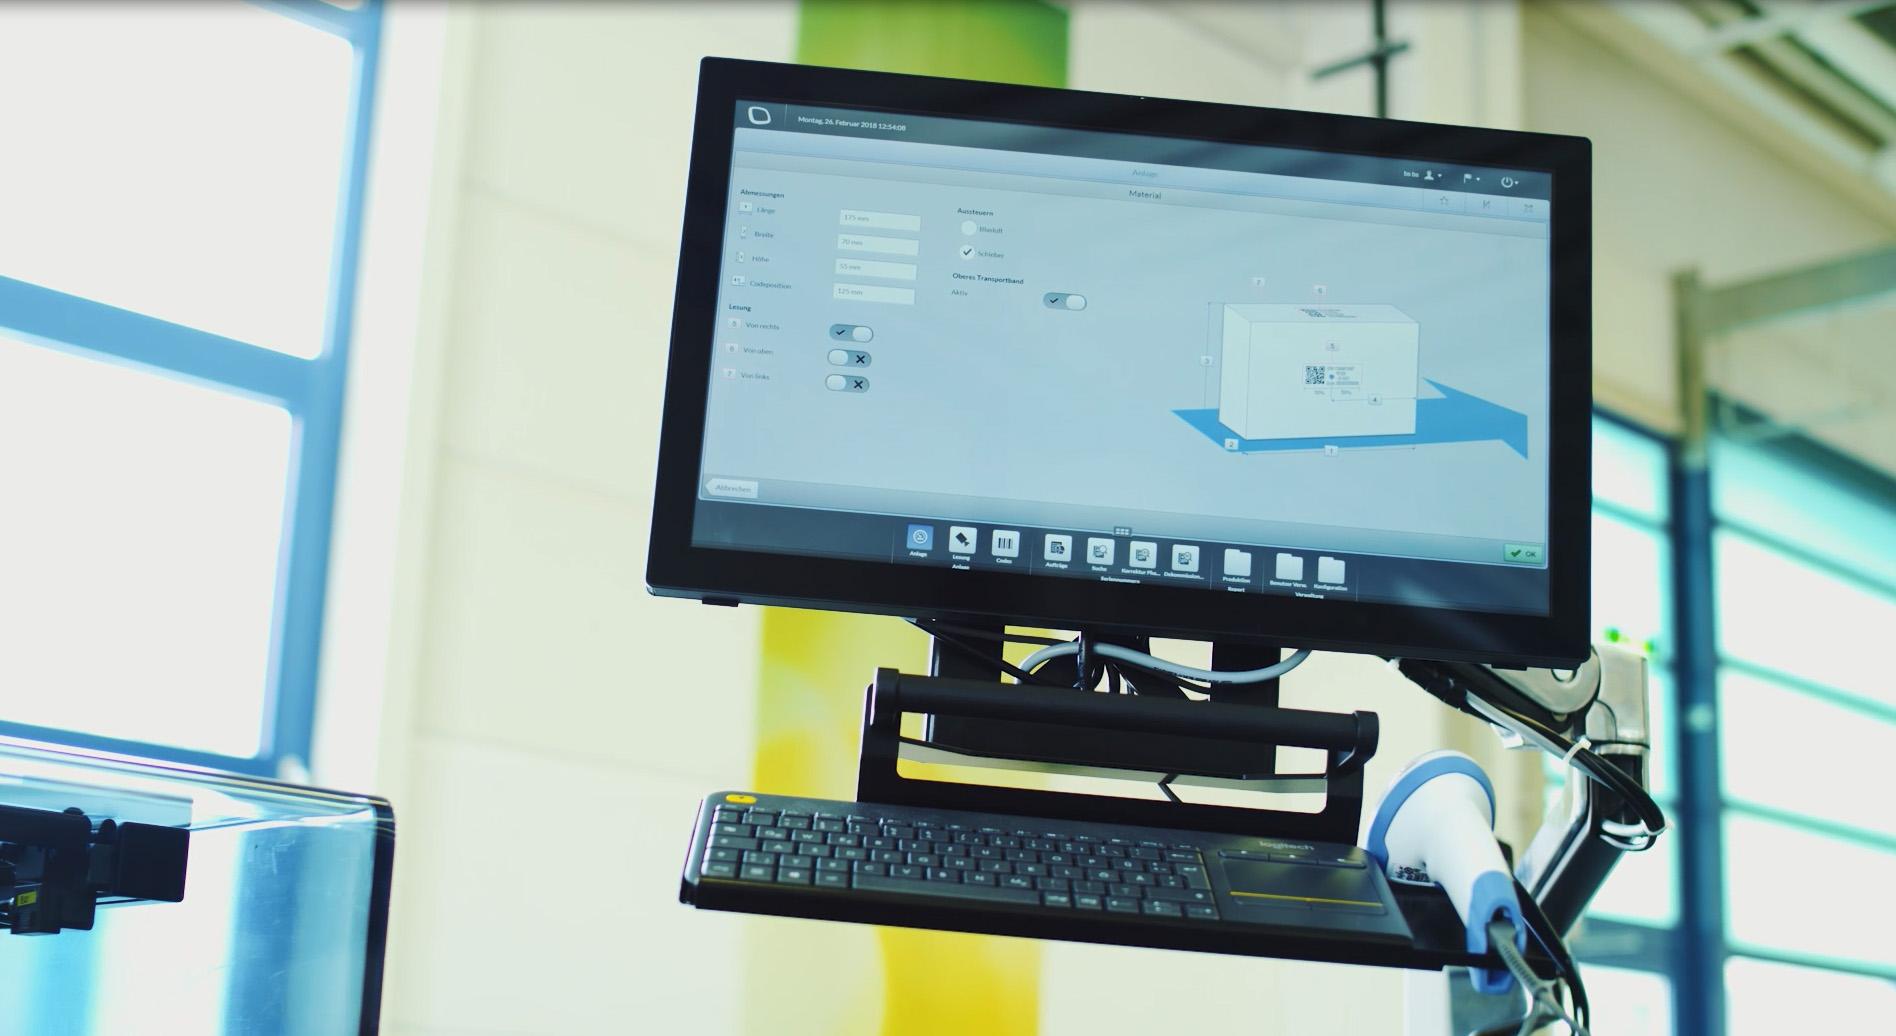 Die intuitiv bedienbare Software ist individuell konfigurierbar und in drei Ausbaustufen verfügbar: auf Maschinen-, Standort- und standortübergreifender Ebene.